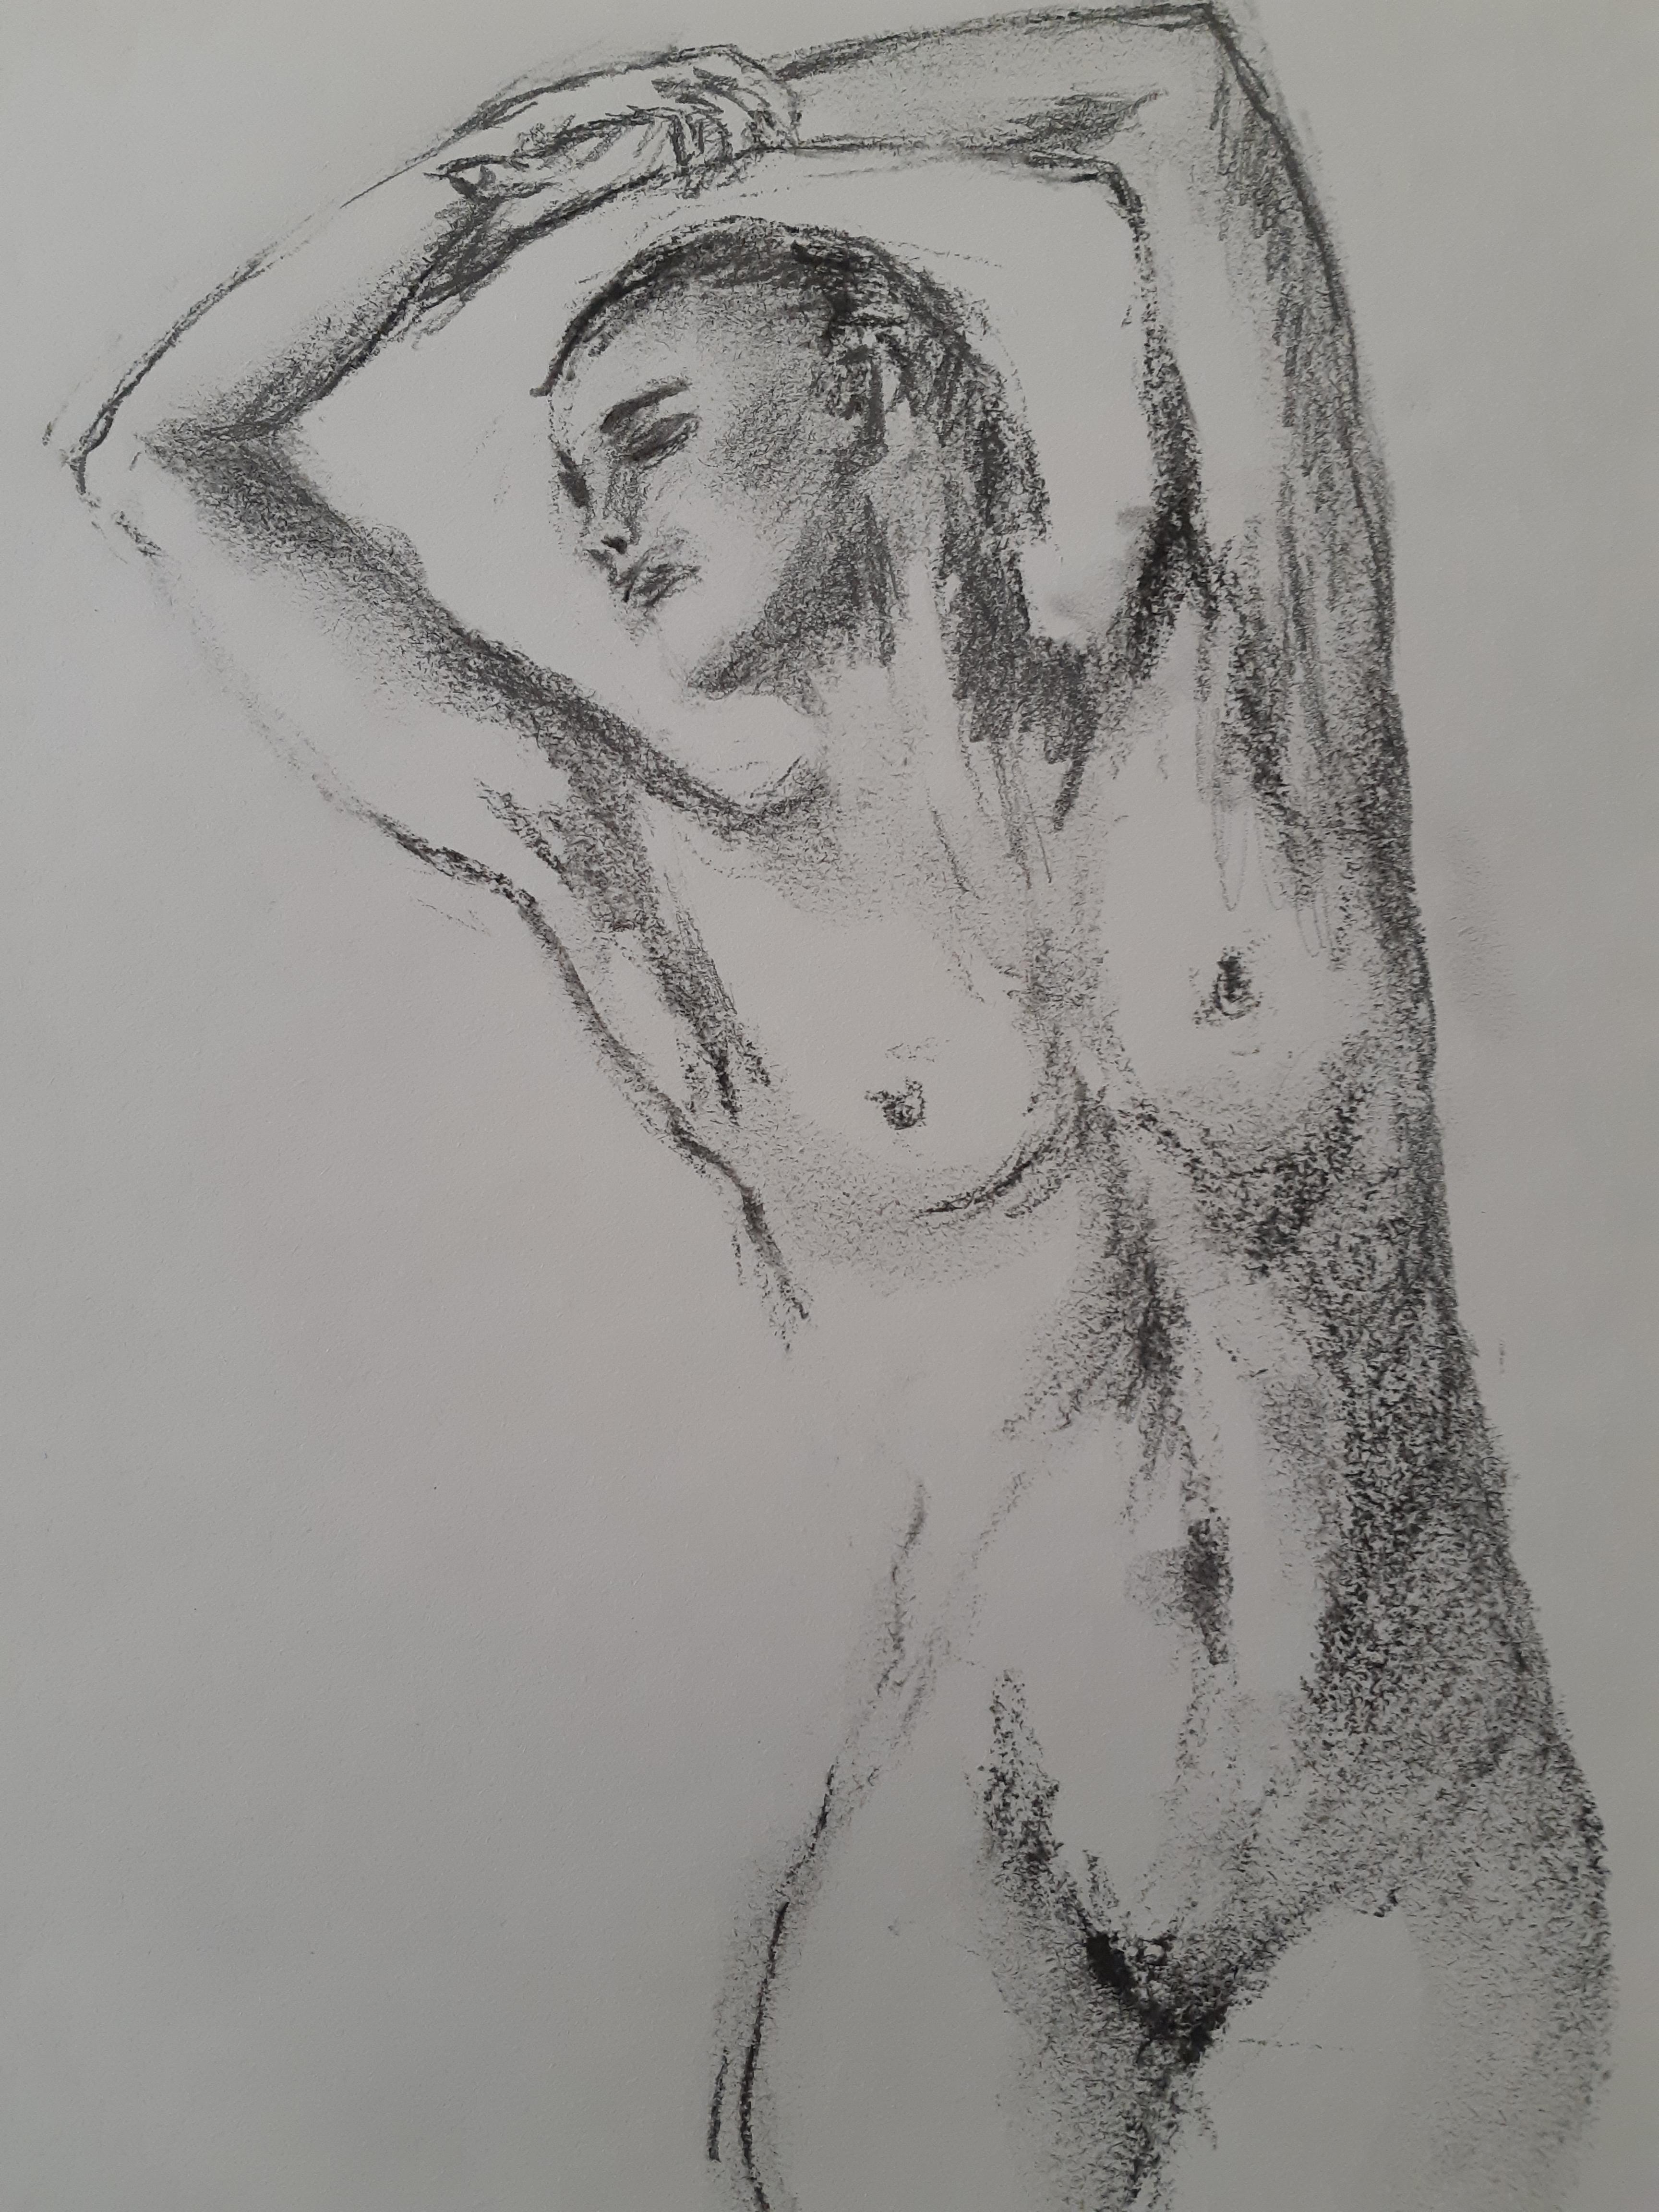 Esquisse buste femme fusain sur papier  cours de dessin